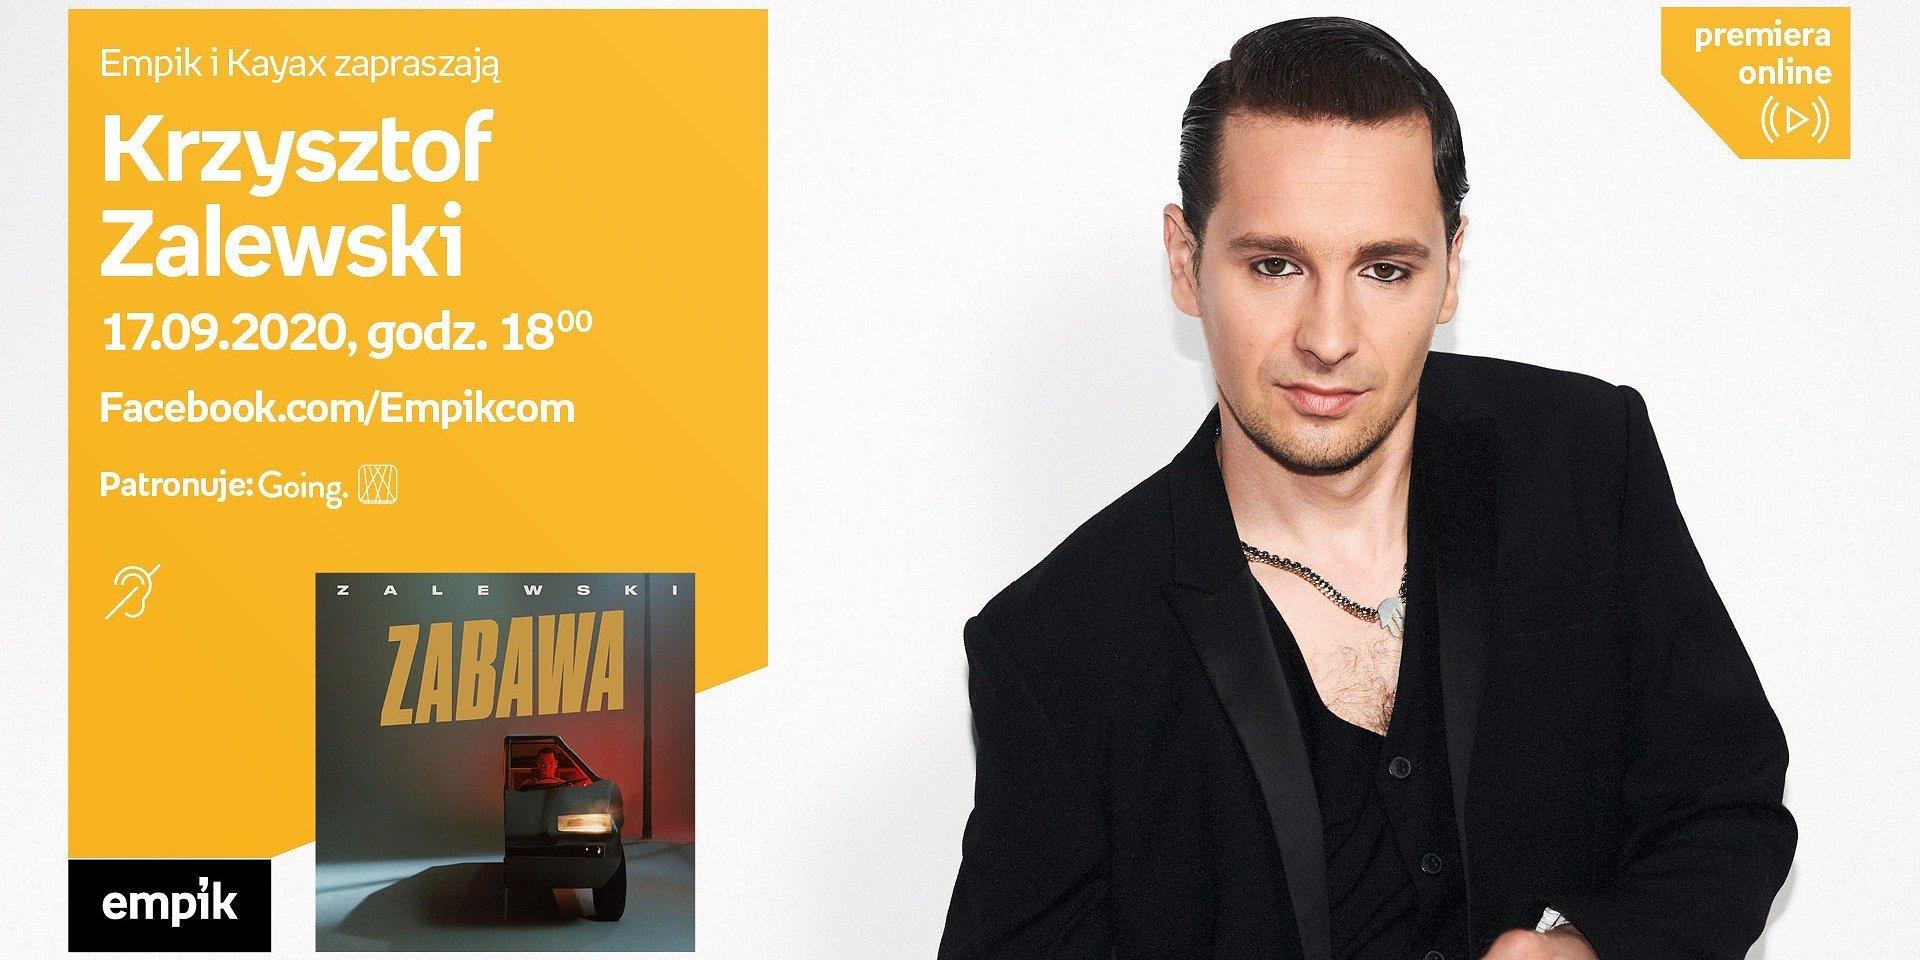 Spotkania z cyklu #premieraonline z Camillą Läckberg, Krzysztofem Zalewskim i Jakubem Małeckim